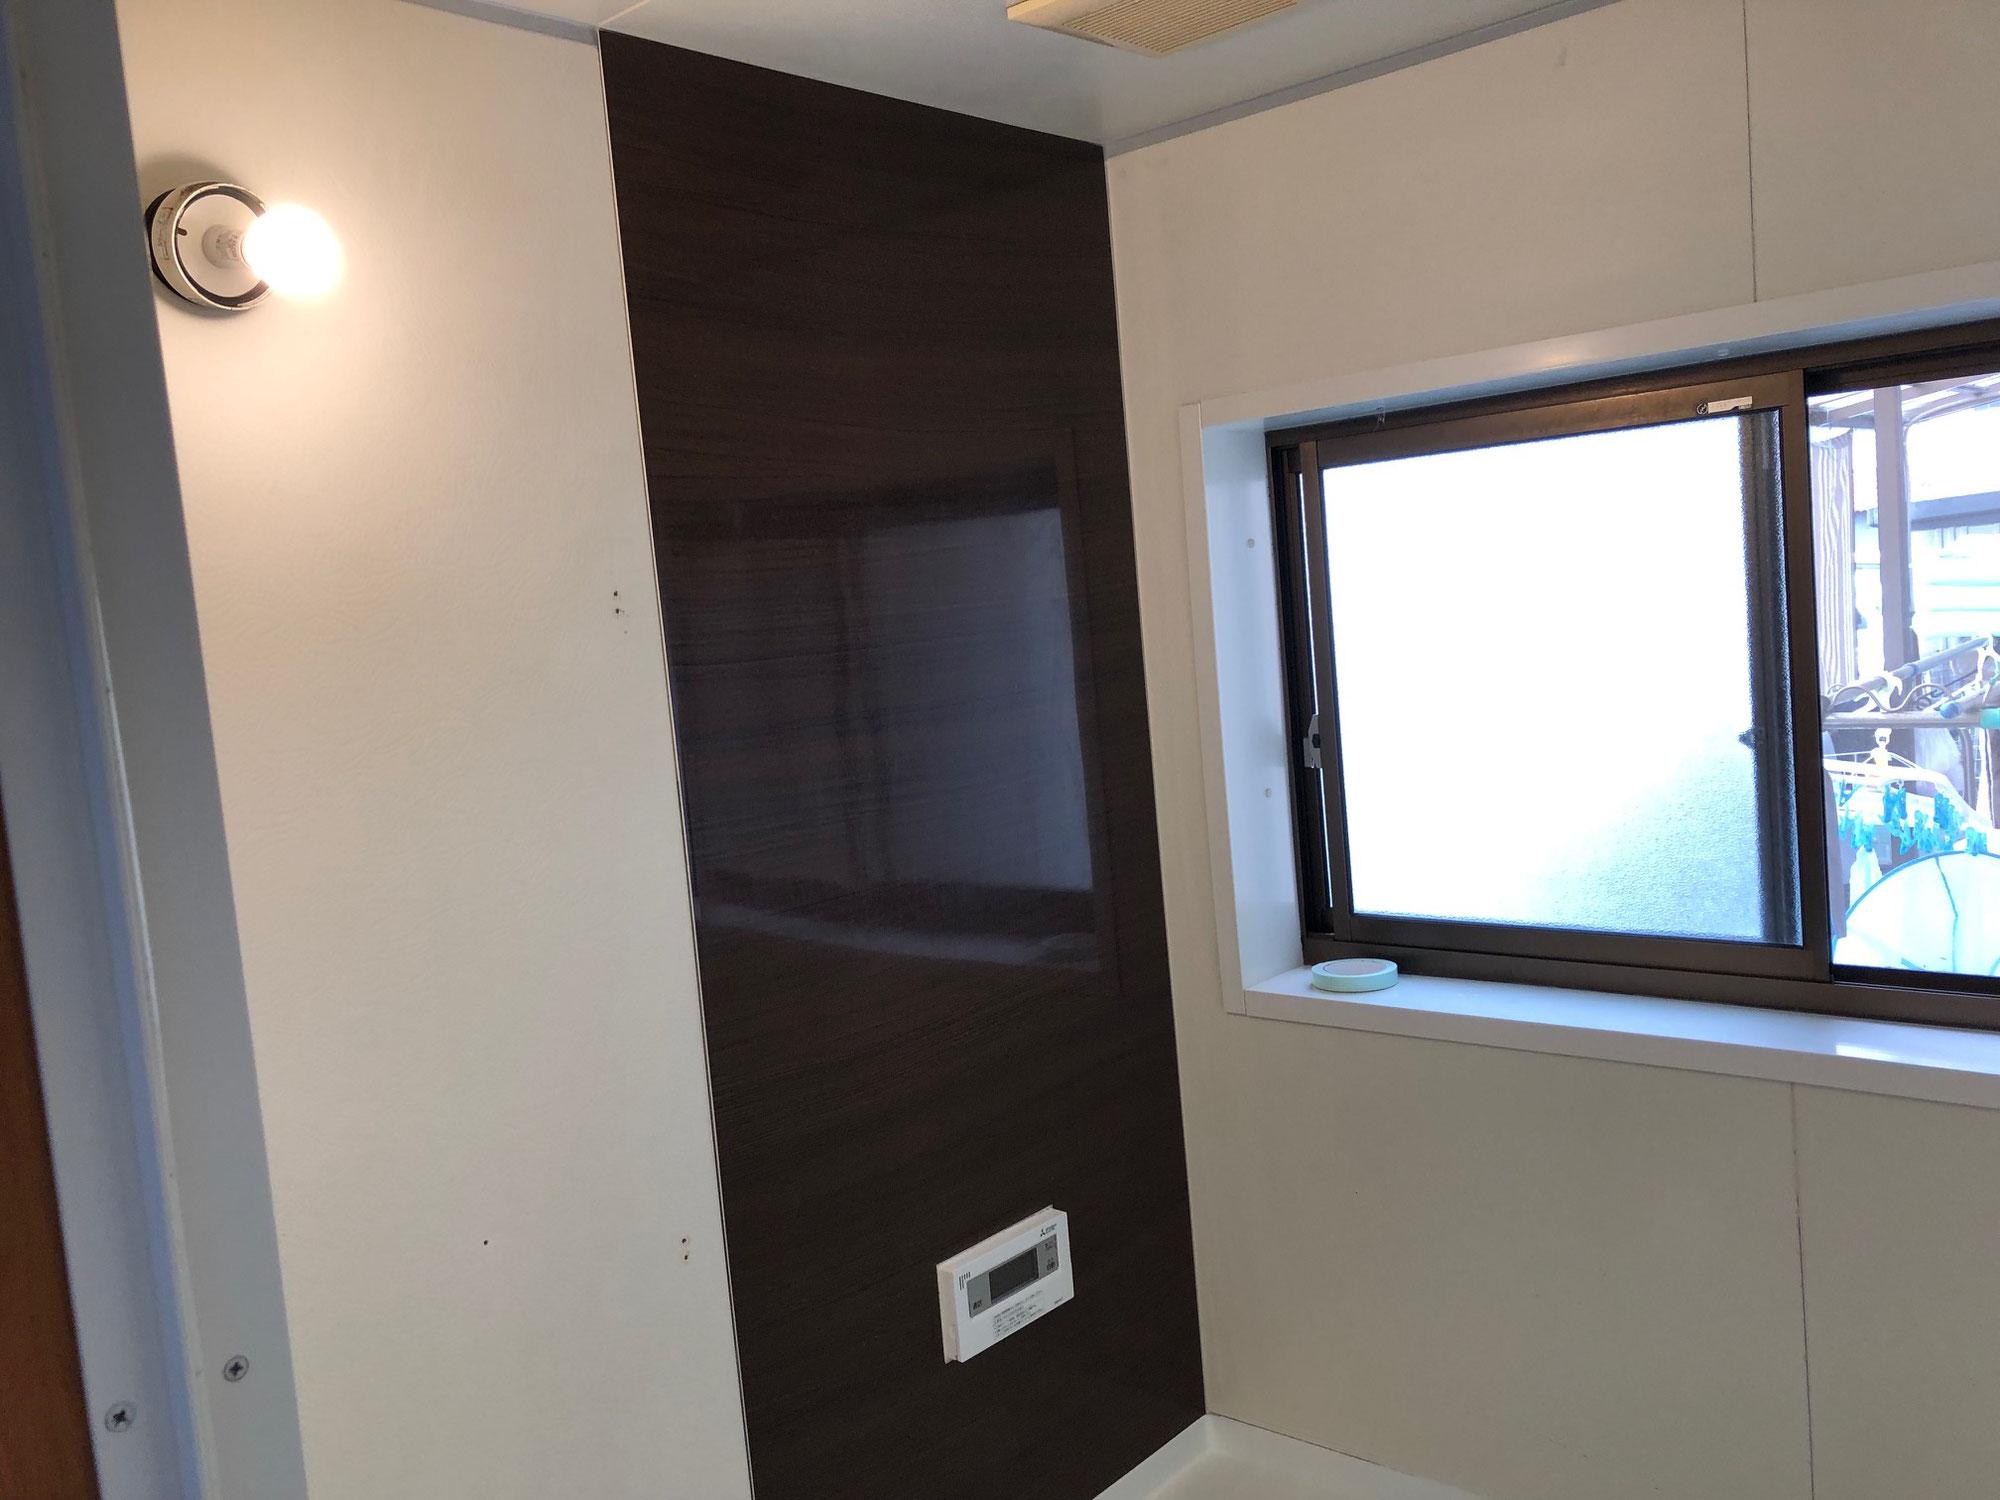 一般住宅ユニットバス 壁面パネル貼り、洗い場シート貼り 愛媛県今治市東鳥生